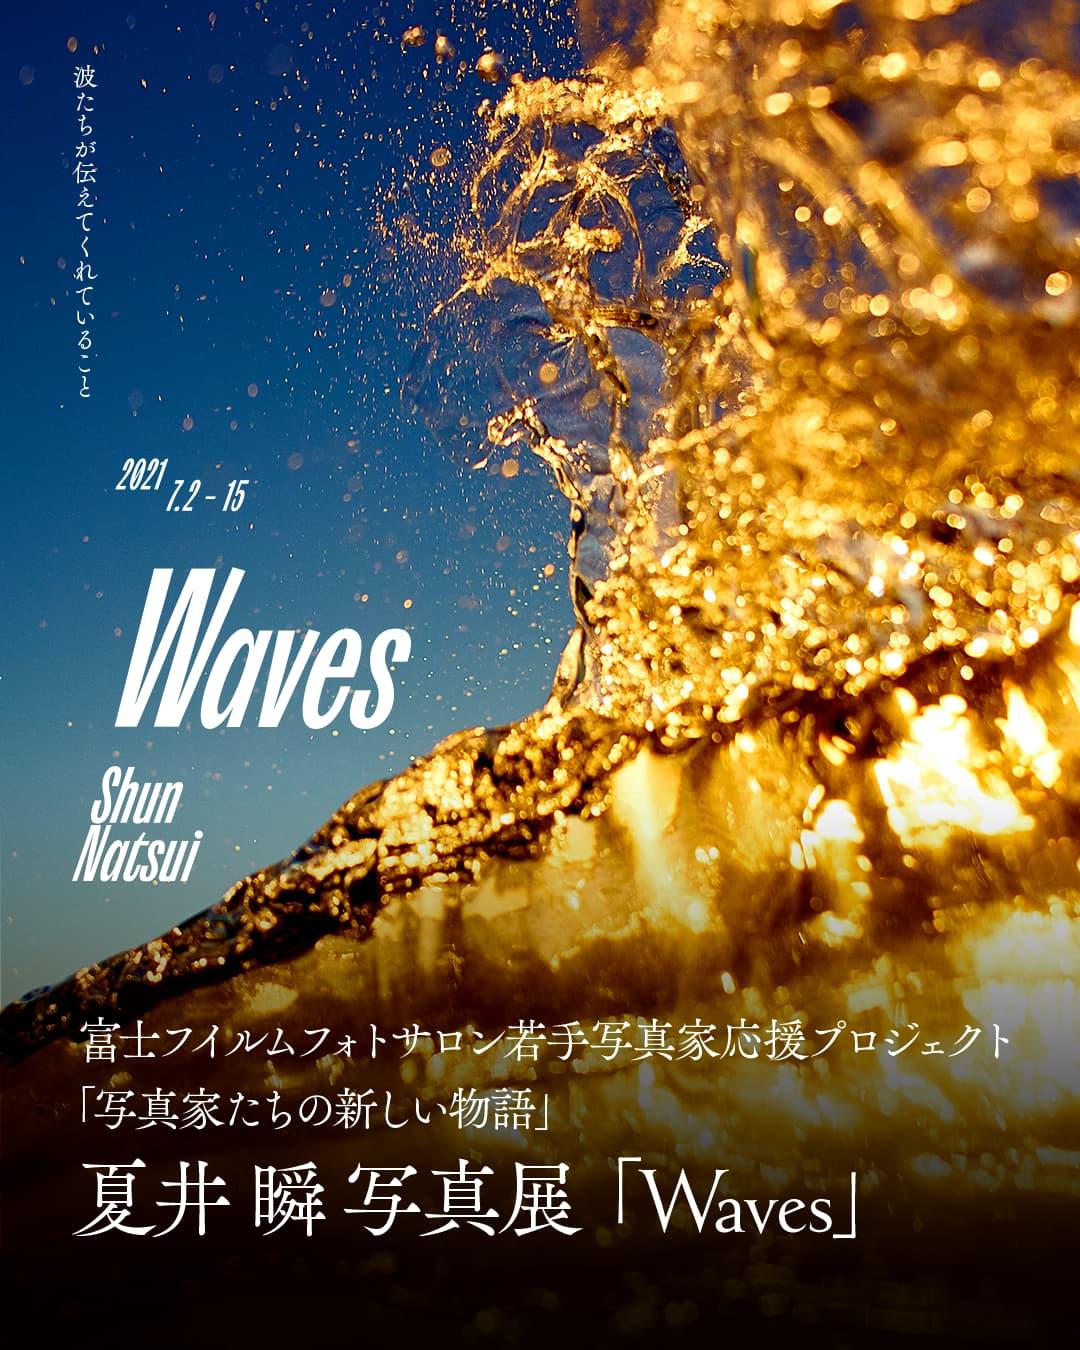 夏井瞬写真展「Waves」波たちが伝えてくれていること / 富士フイルムフォトサロン若手写真家応援プロジェクト